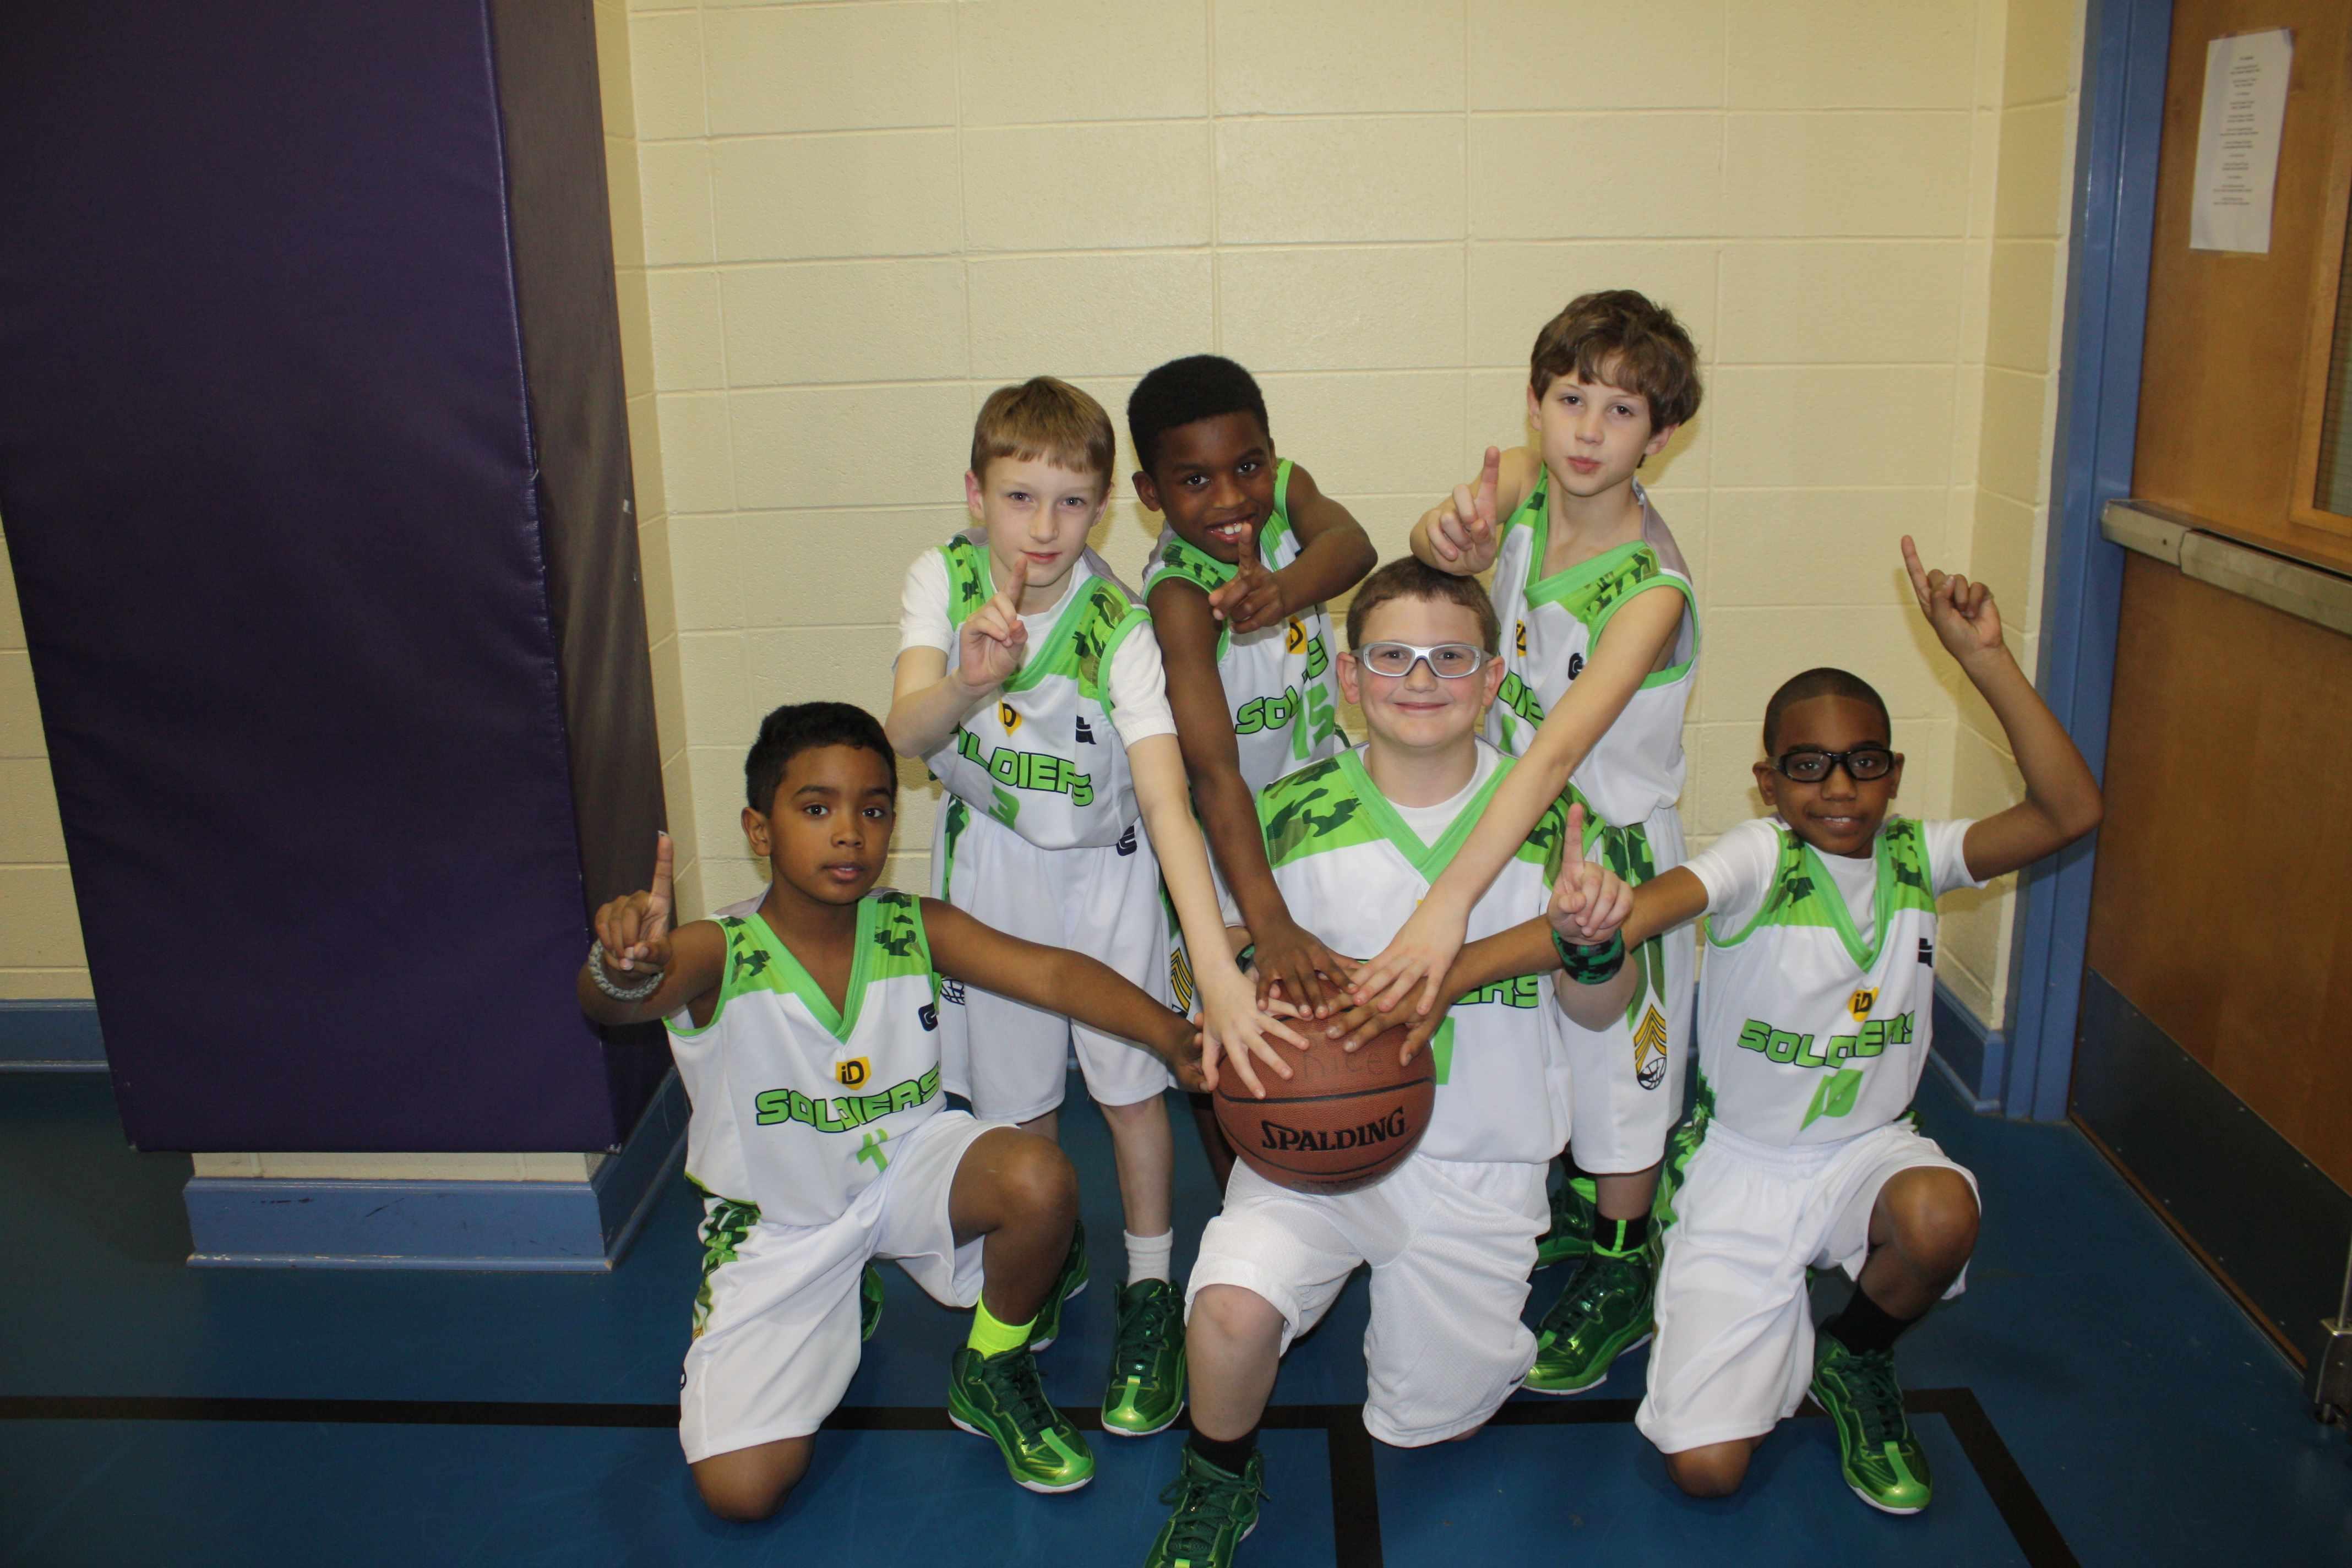 3rd Grade Team (White Uniforms)